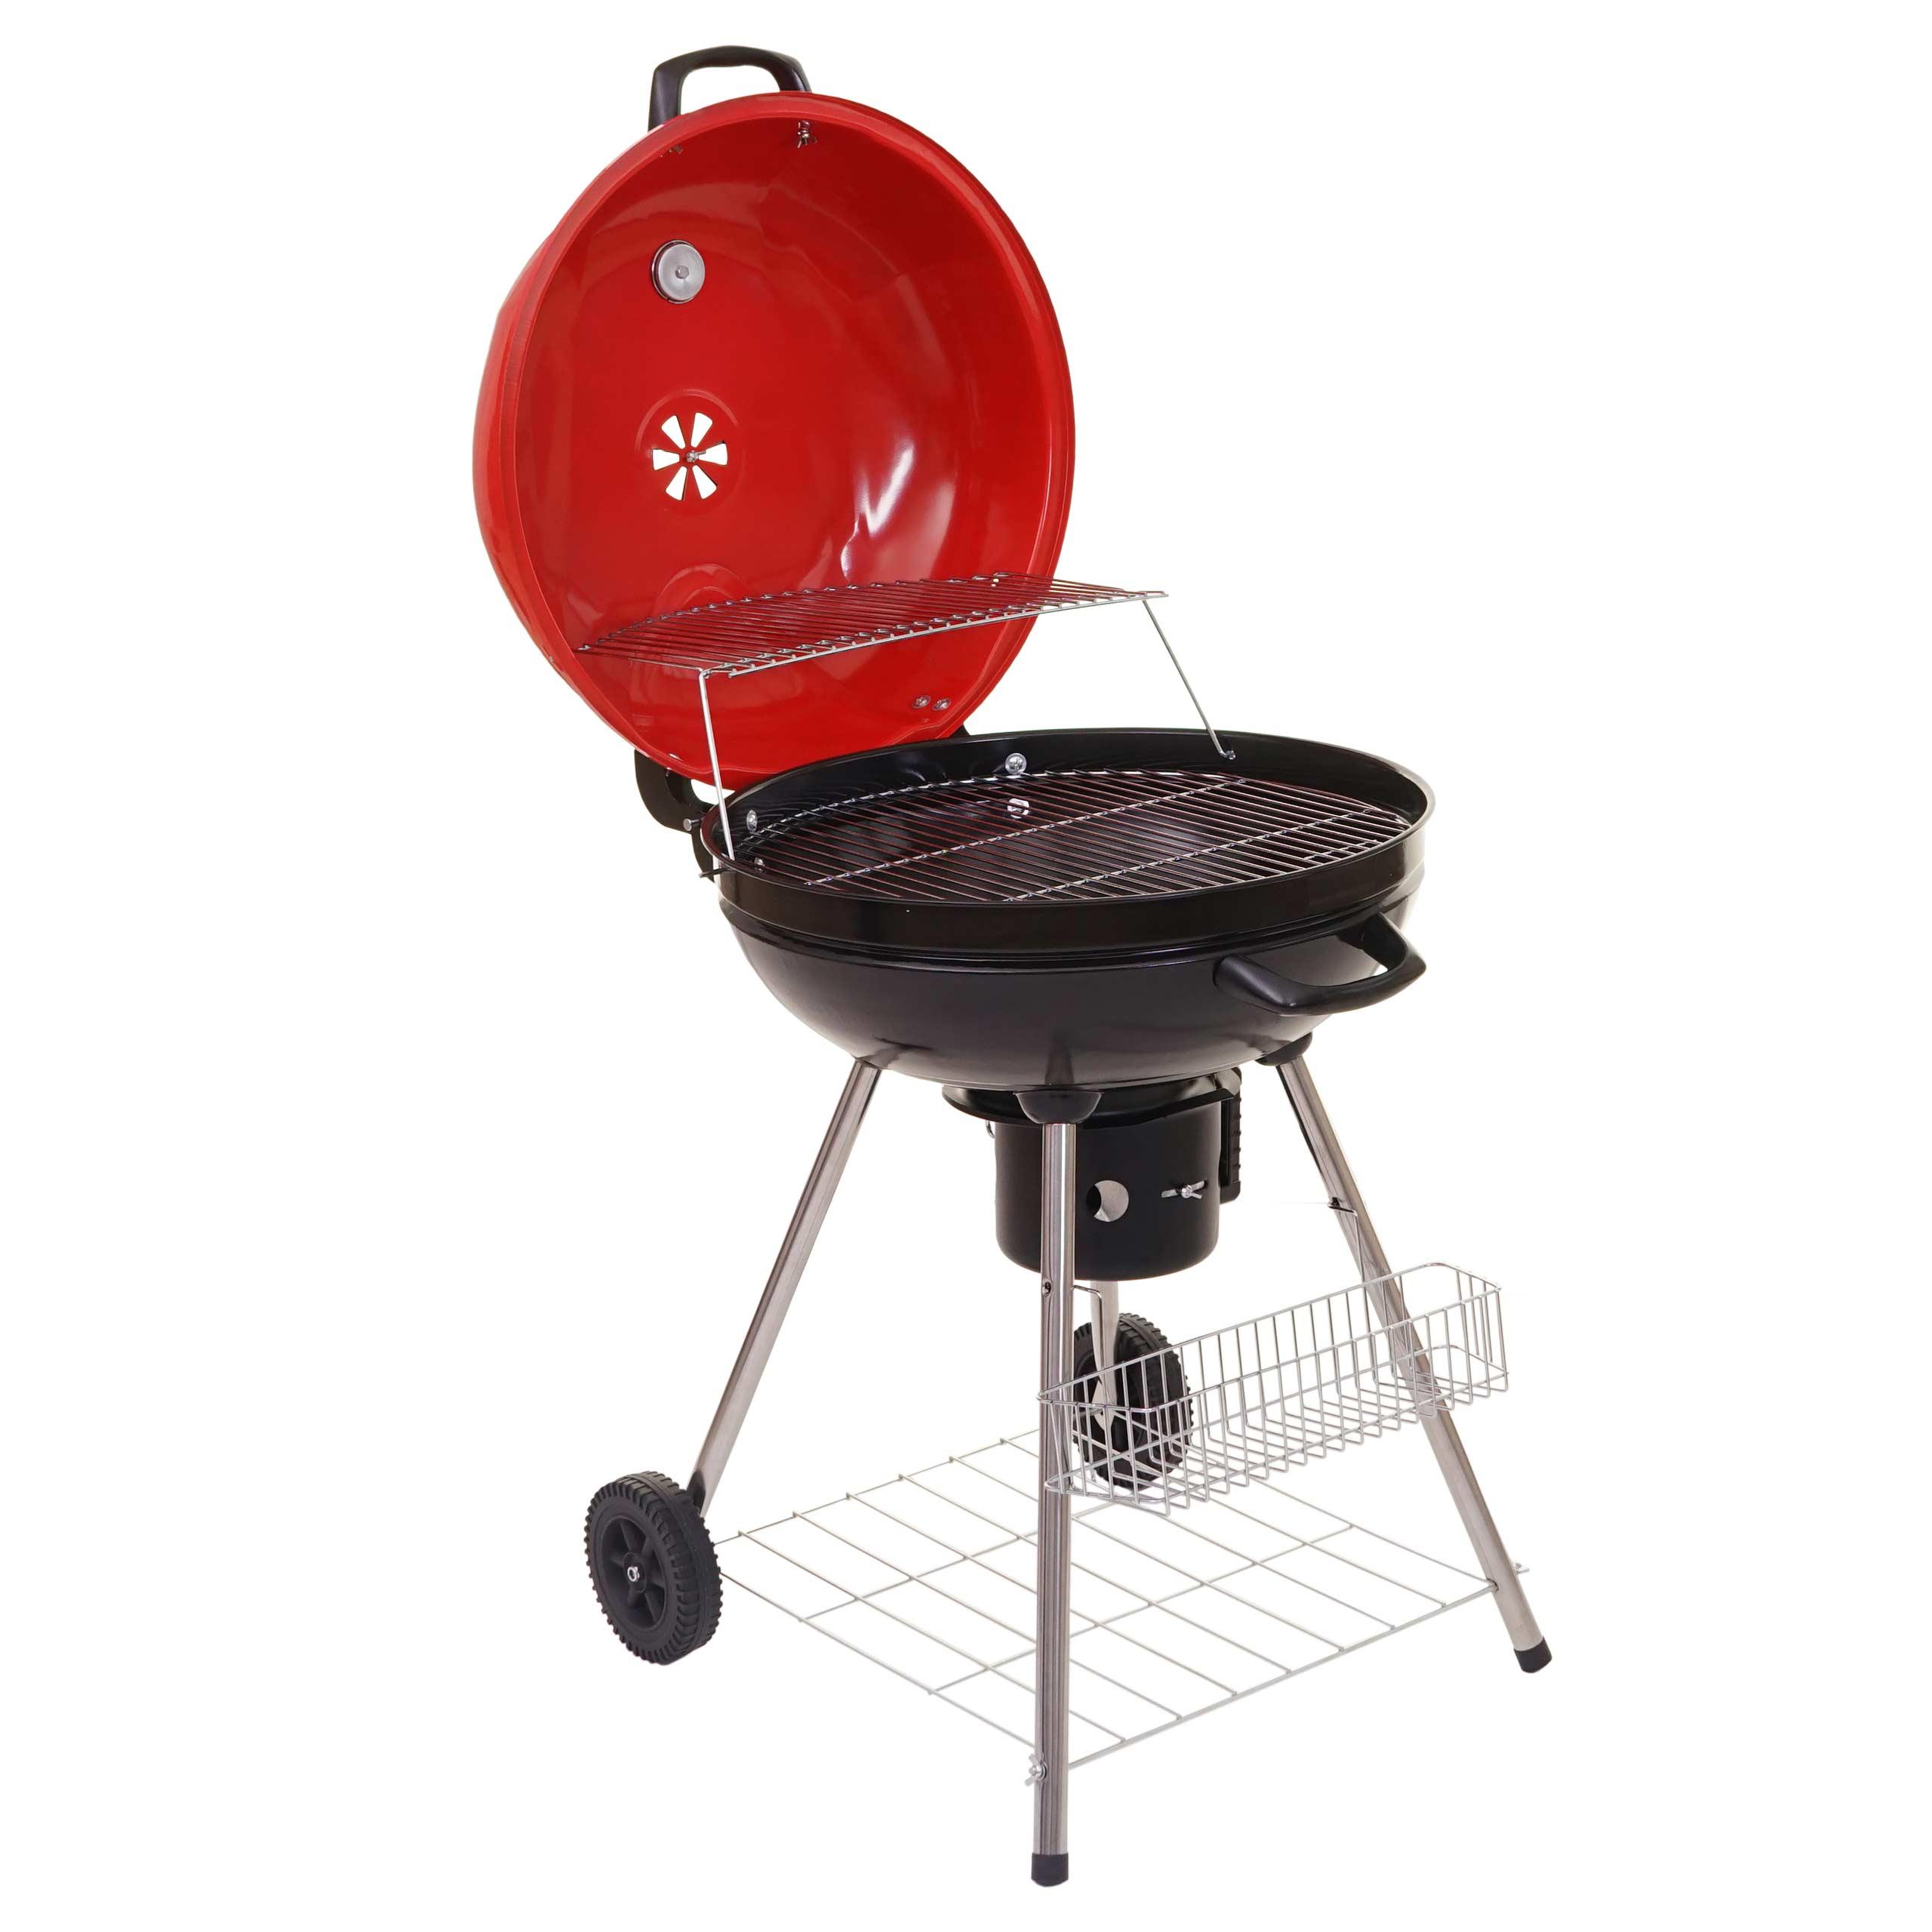 barbecue boule el paso gril charbon de bois surface 54cm bac de cendre ebay. Black Bedroom Furniture Sets. Home Design Ideas